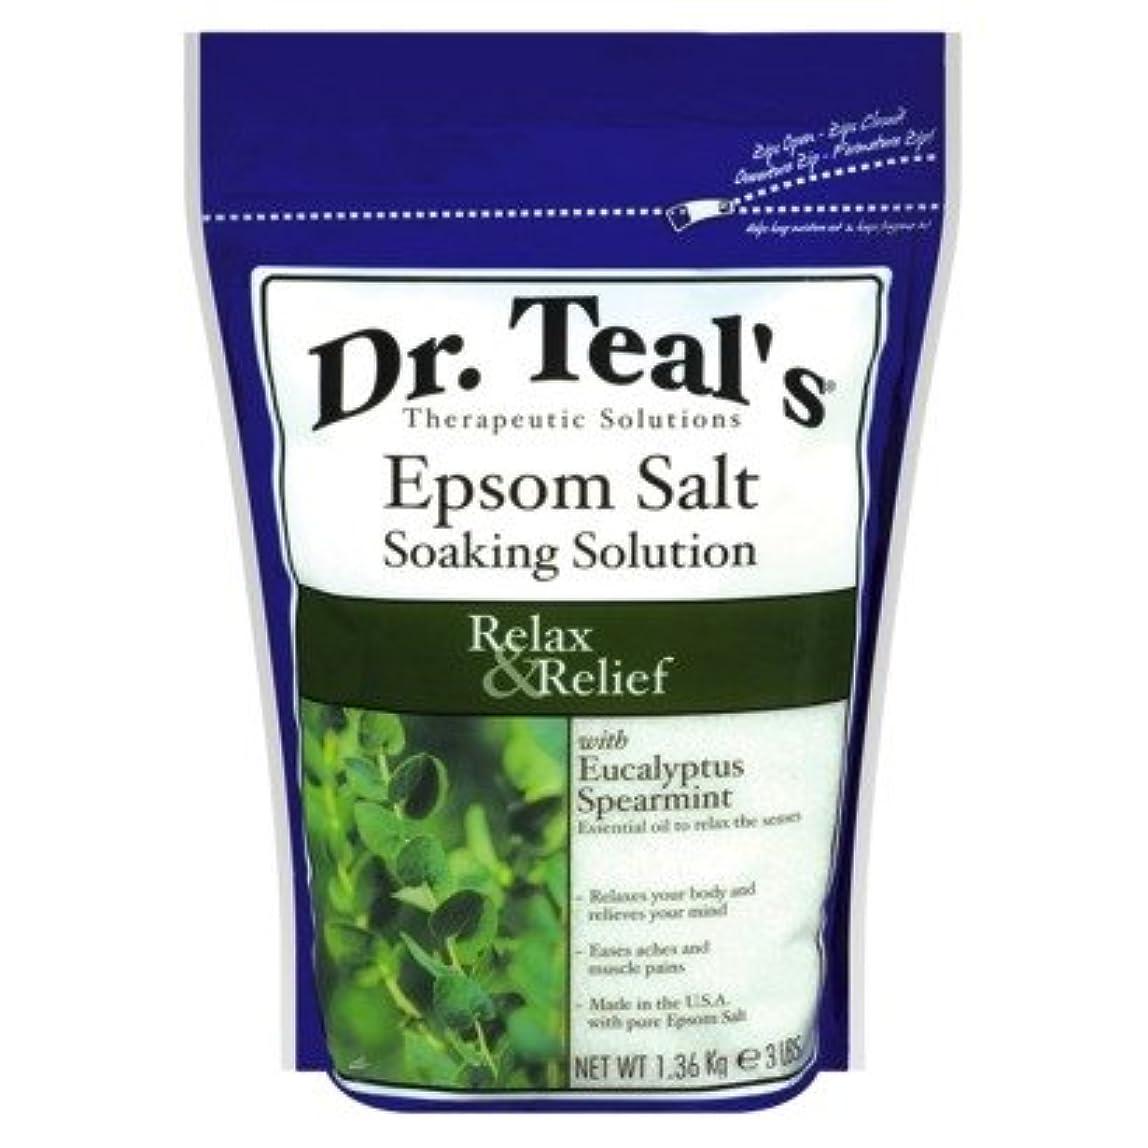 ベッツィトロットウッド熟読アルファベット【海外直送】リラックス効果 Dr. Teal's Relax Epsom Salt Eucalyptus Spearmint Soaking Solution ユーカリ&スペアミント 1.36kg